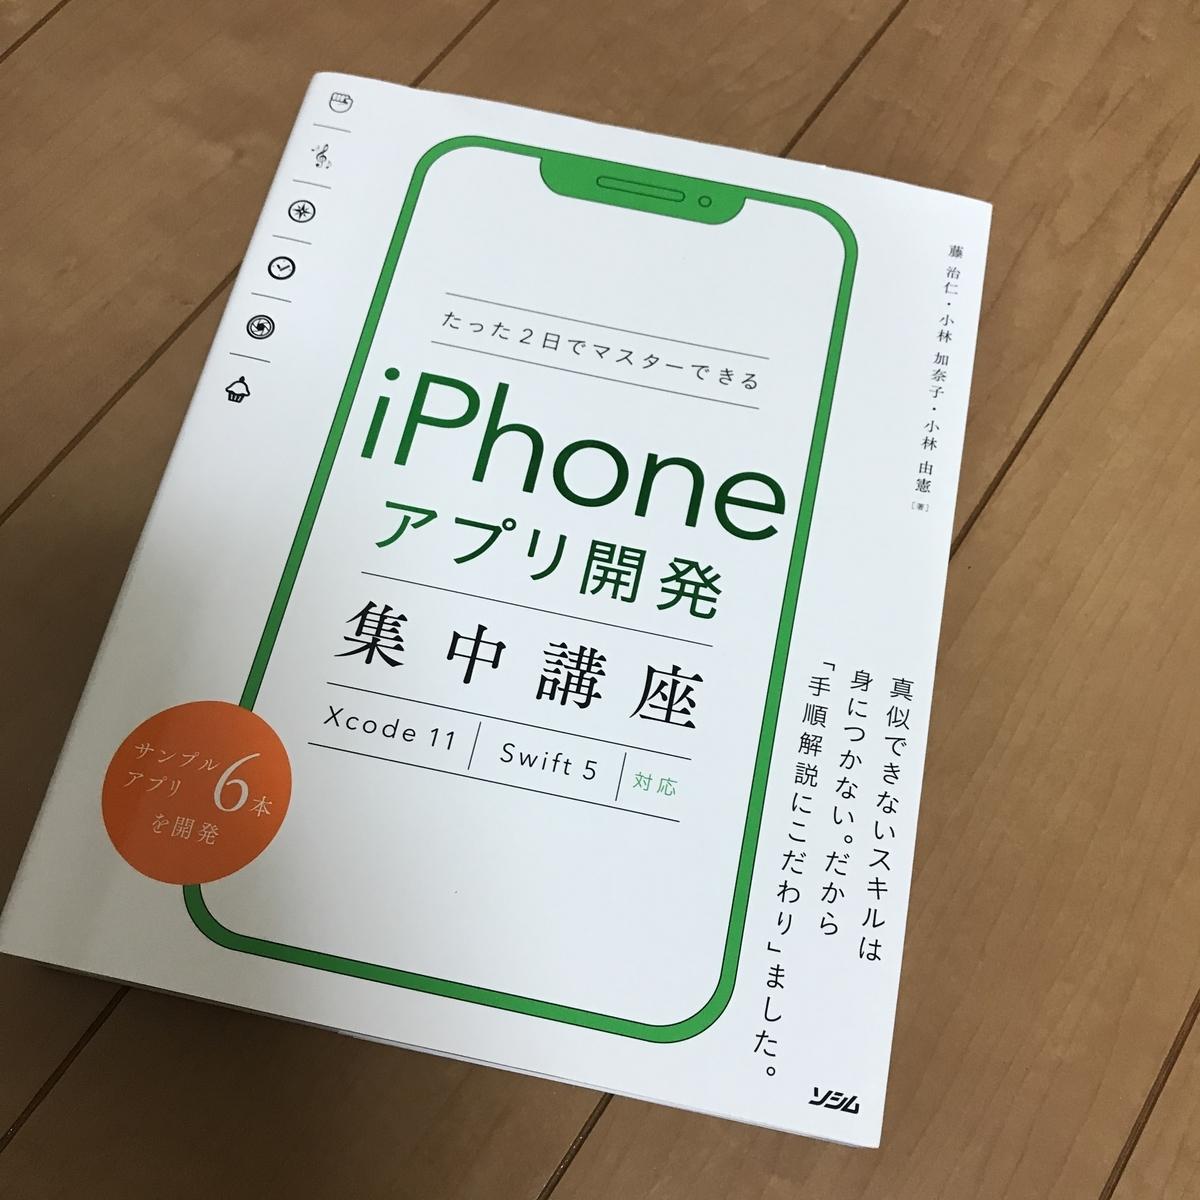 f:id:yasumuni:20200723104517j:plain